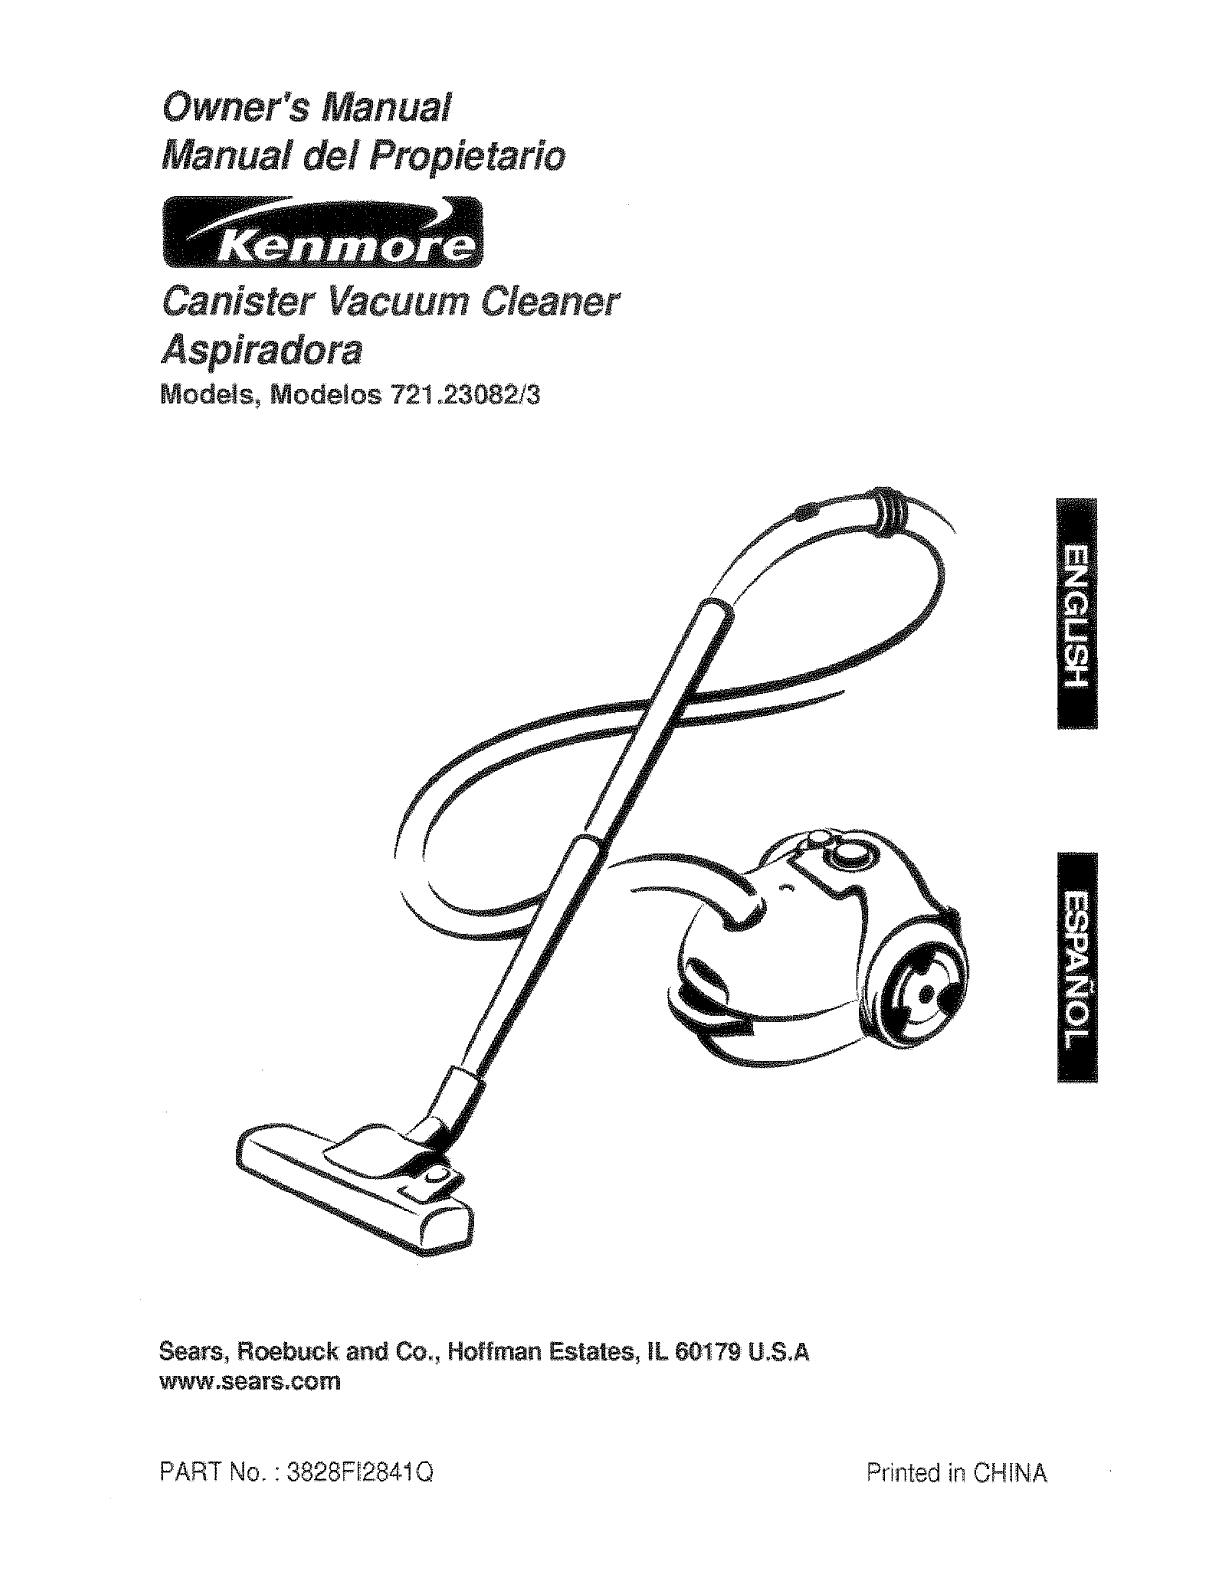 kenmore sears vacuum cleaner manual